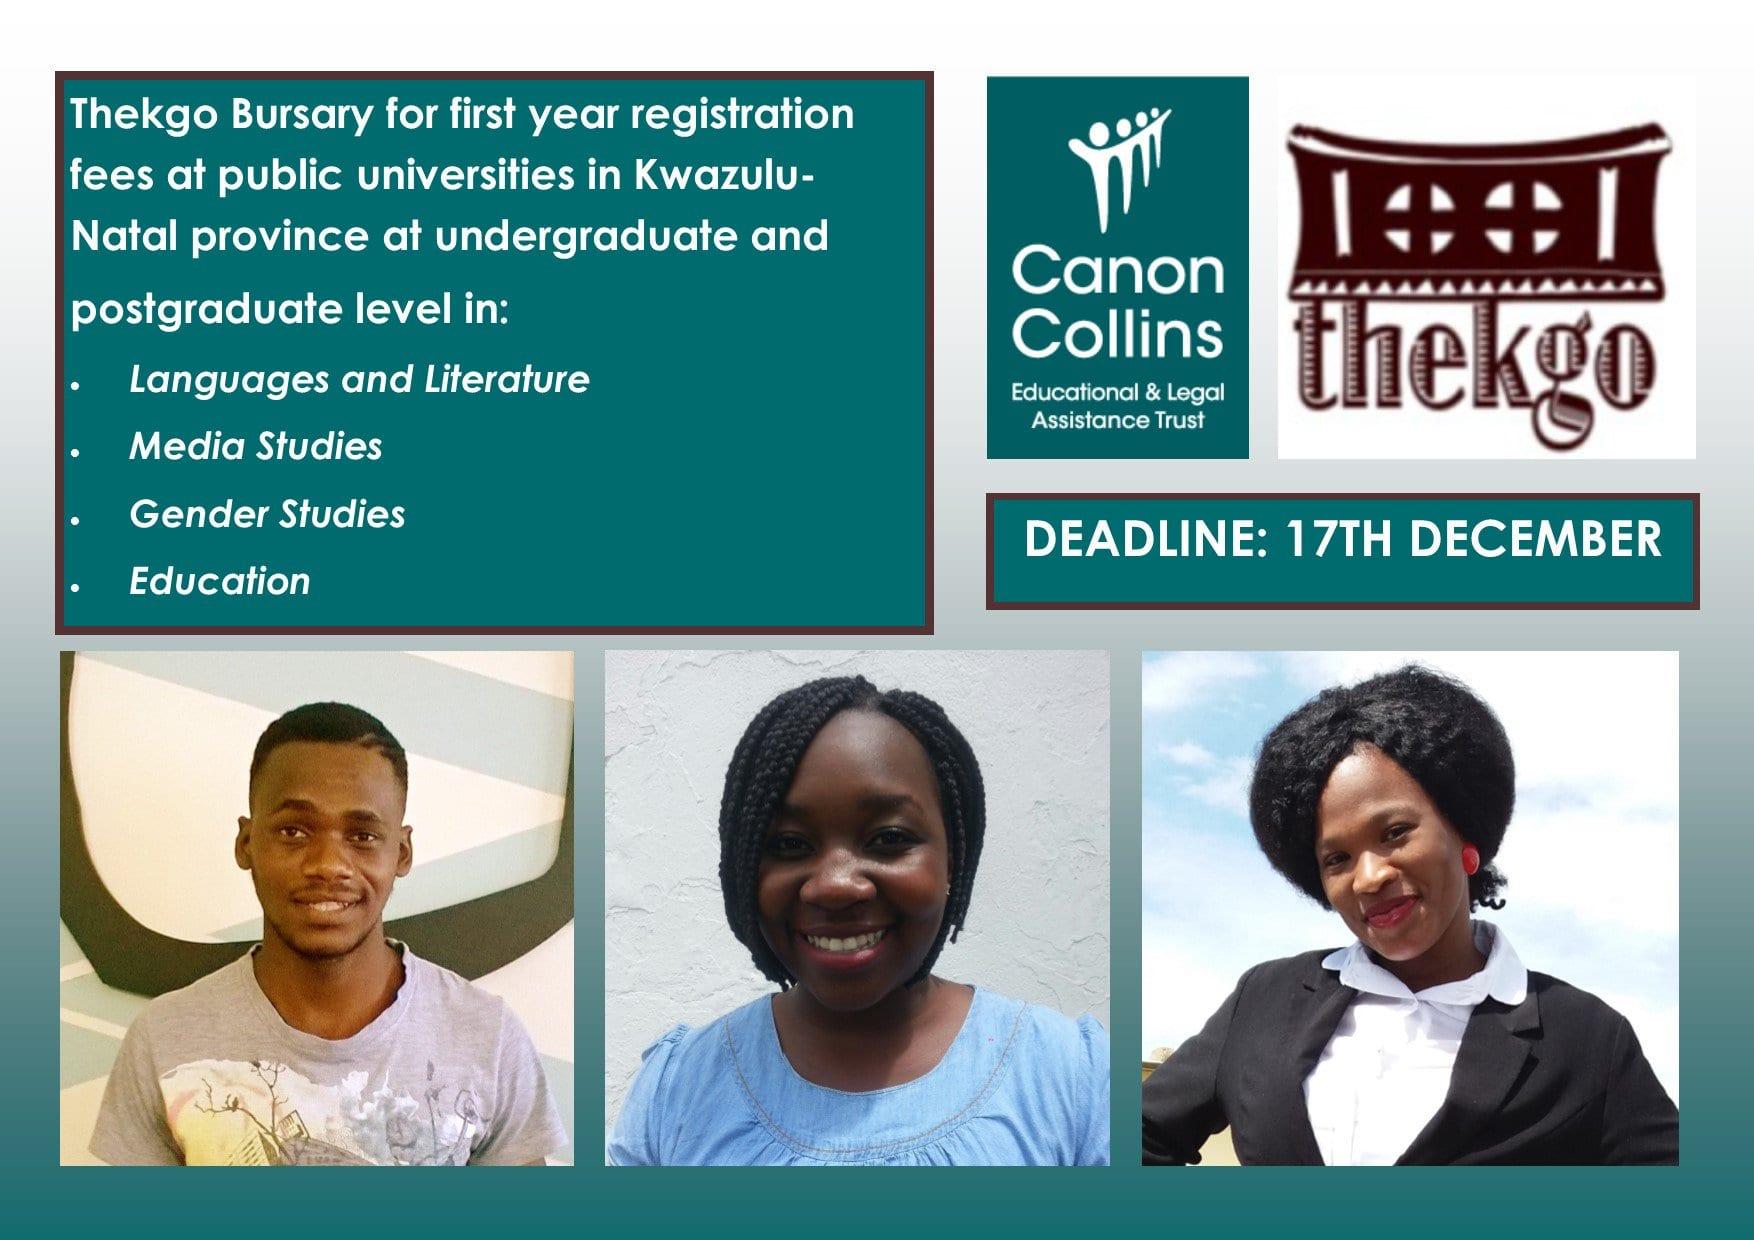 Canon Collins Thekgo (Undergrad & & Postgraduate )Bursary 2019 for Research Study in South Africa.